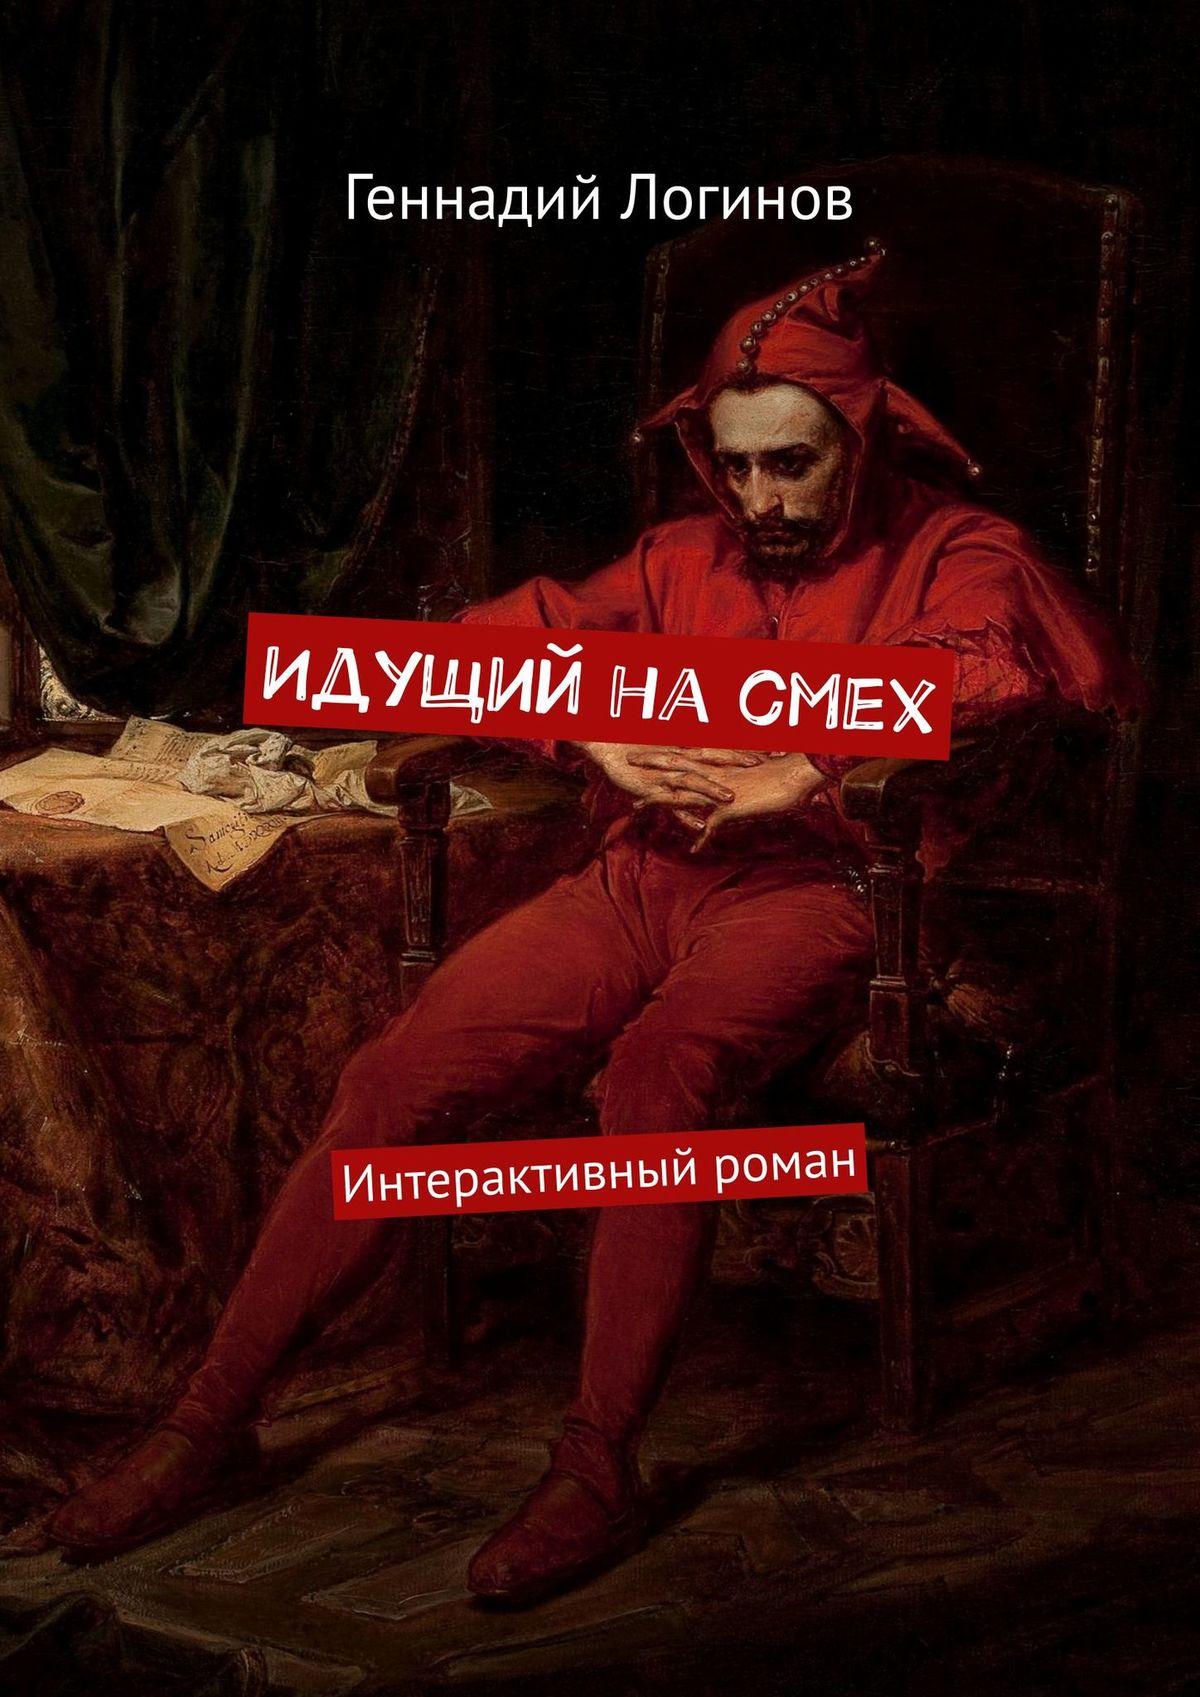 Геннадий Логинов Идущий насмех. Интерактивный роман